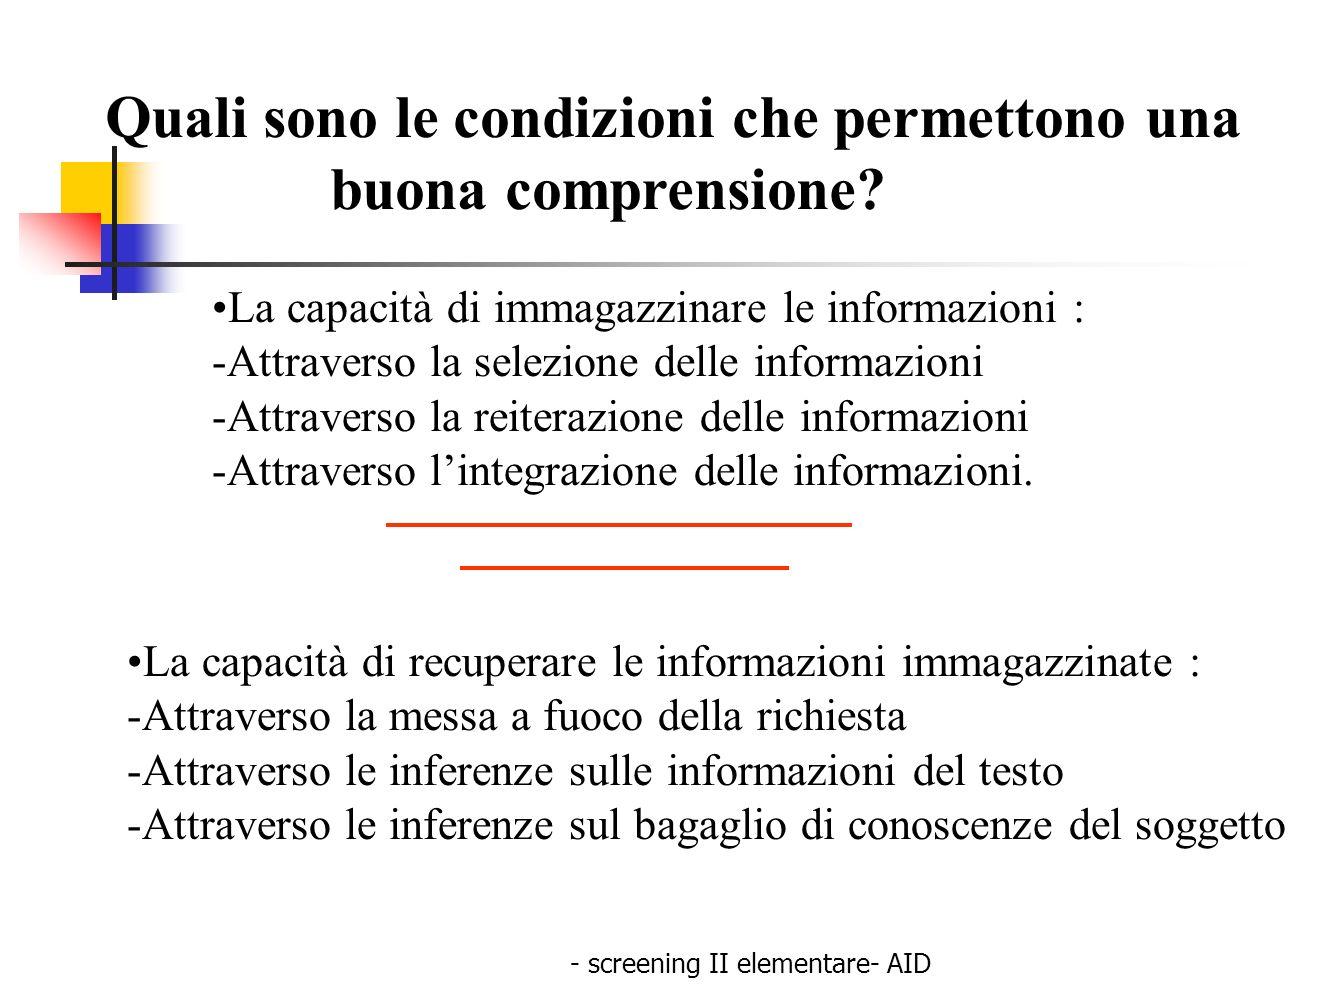 - screening II elementare- AID Quali sono le condizioni che permettono una buona comprensione? La capacità di recuperare le informazioni immagazzinate